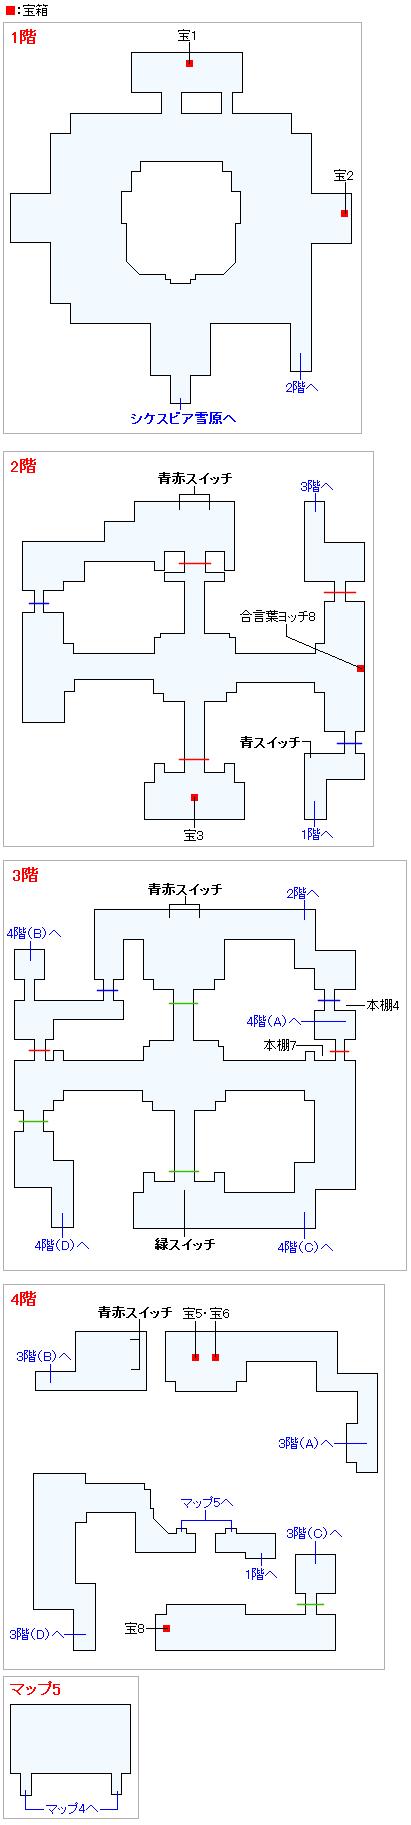 古代図書館(Swith2Dと3DS2D)のマップ画像